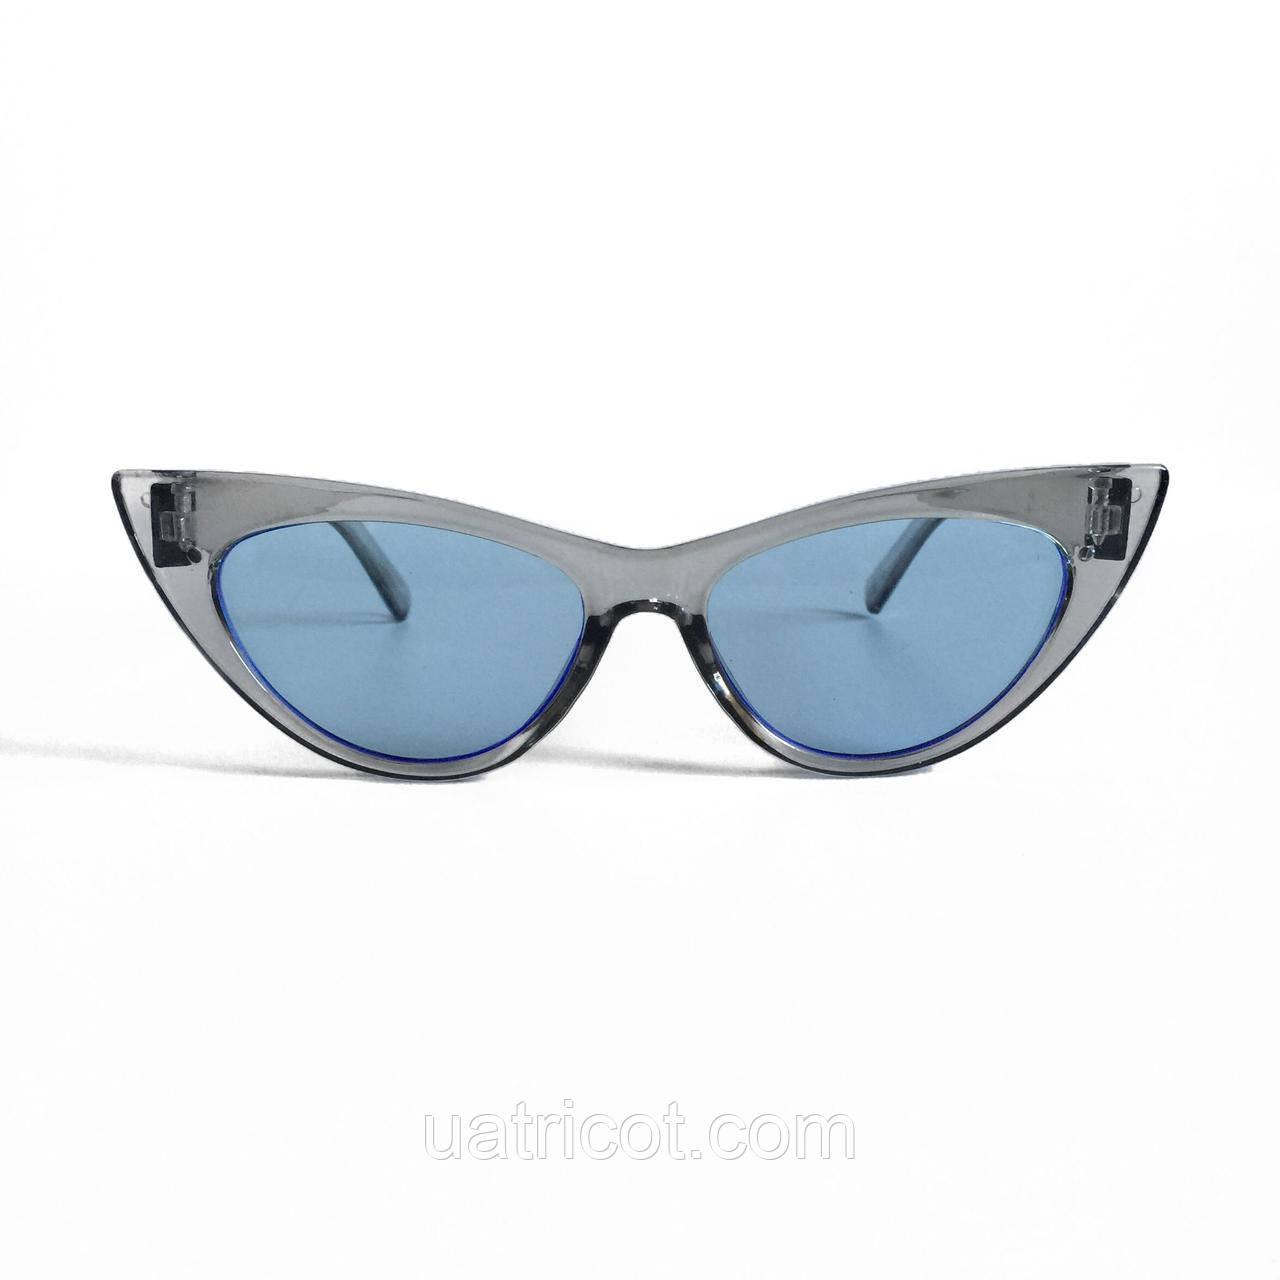 Женские солнцезащитные очки лисы в прозрачной оправе с голубыми линзами